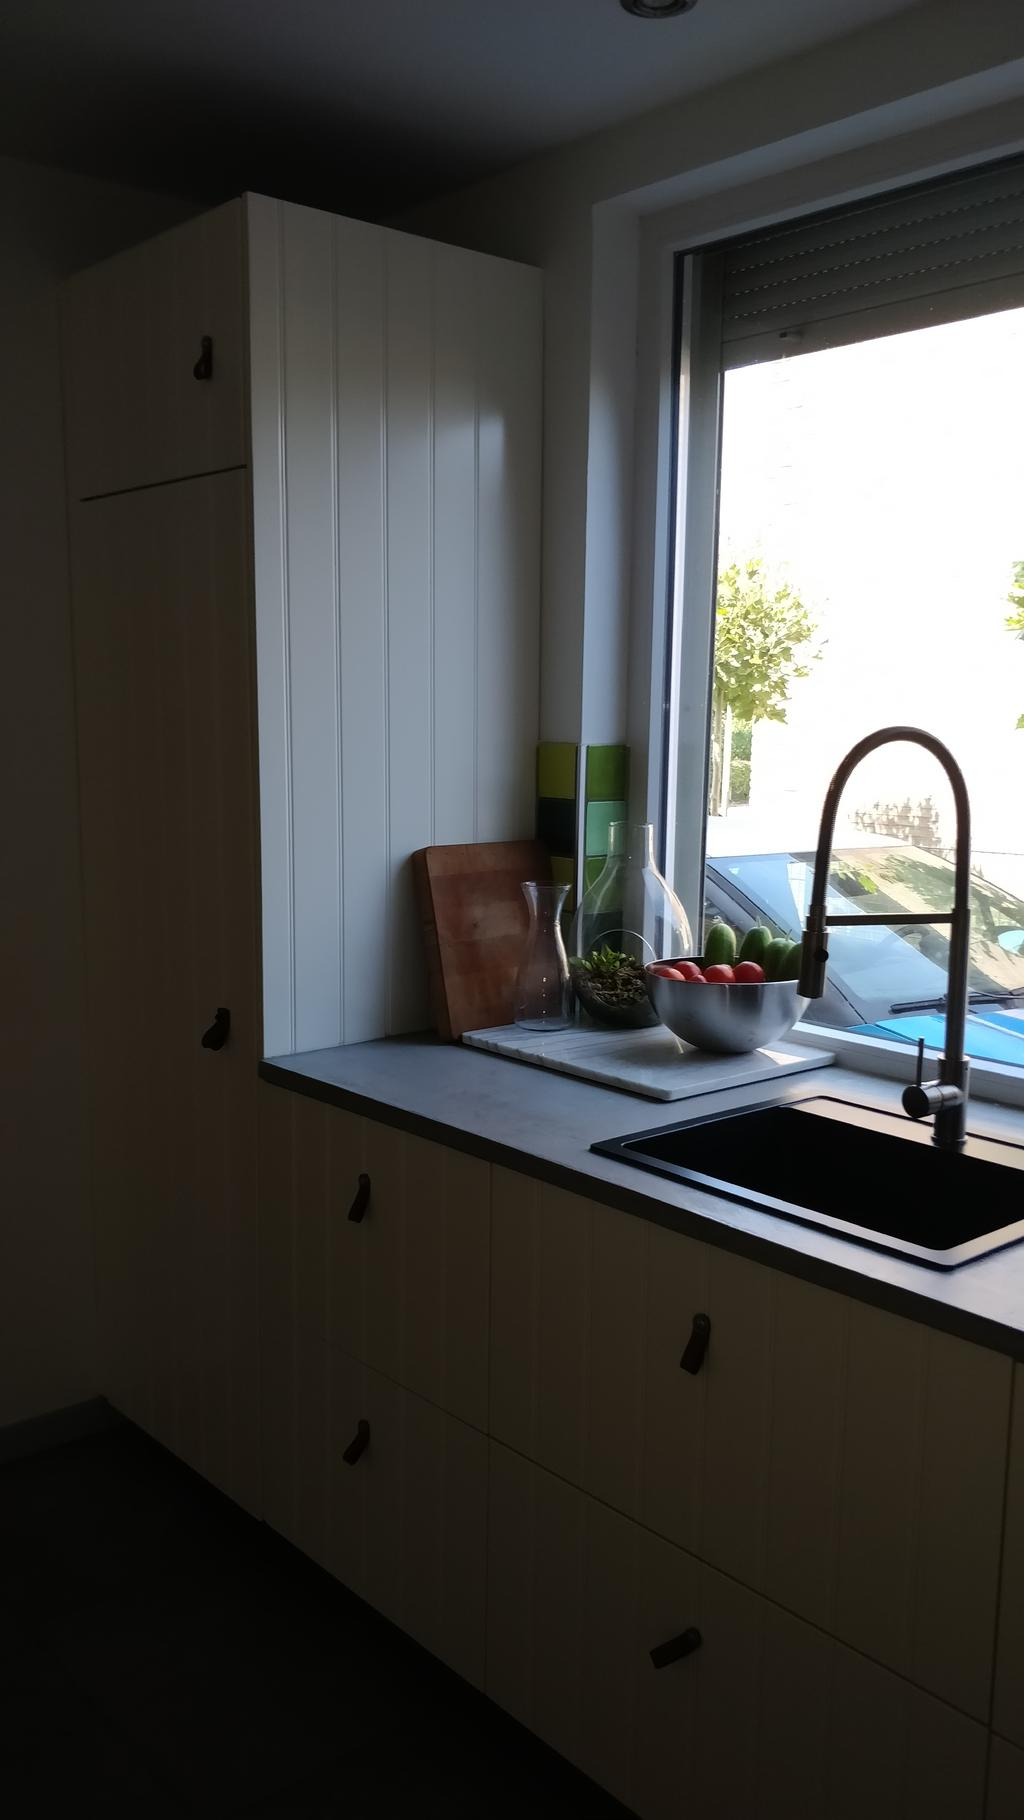 matzwarte-spoelbak-met-design-keukenkraan-marmeren-snijplank-voor-deeg-ed